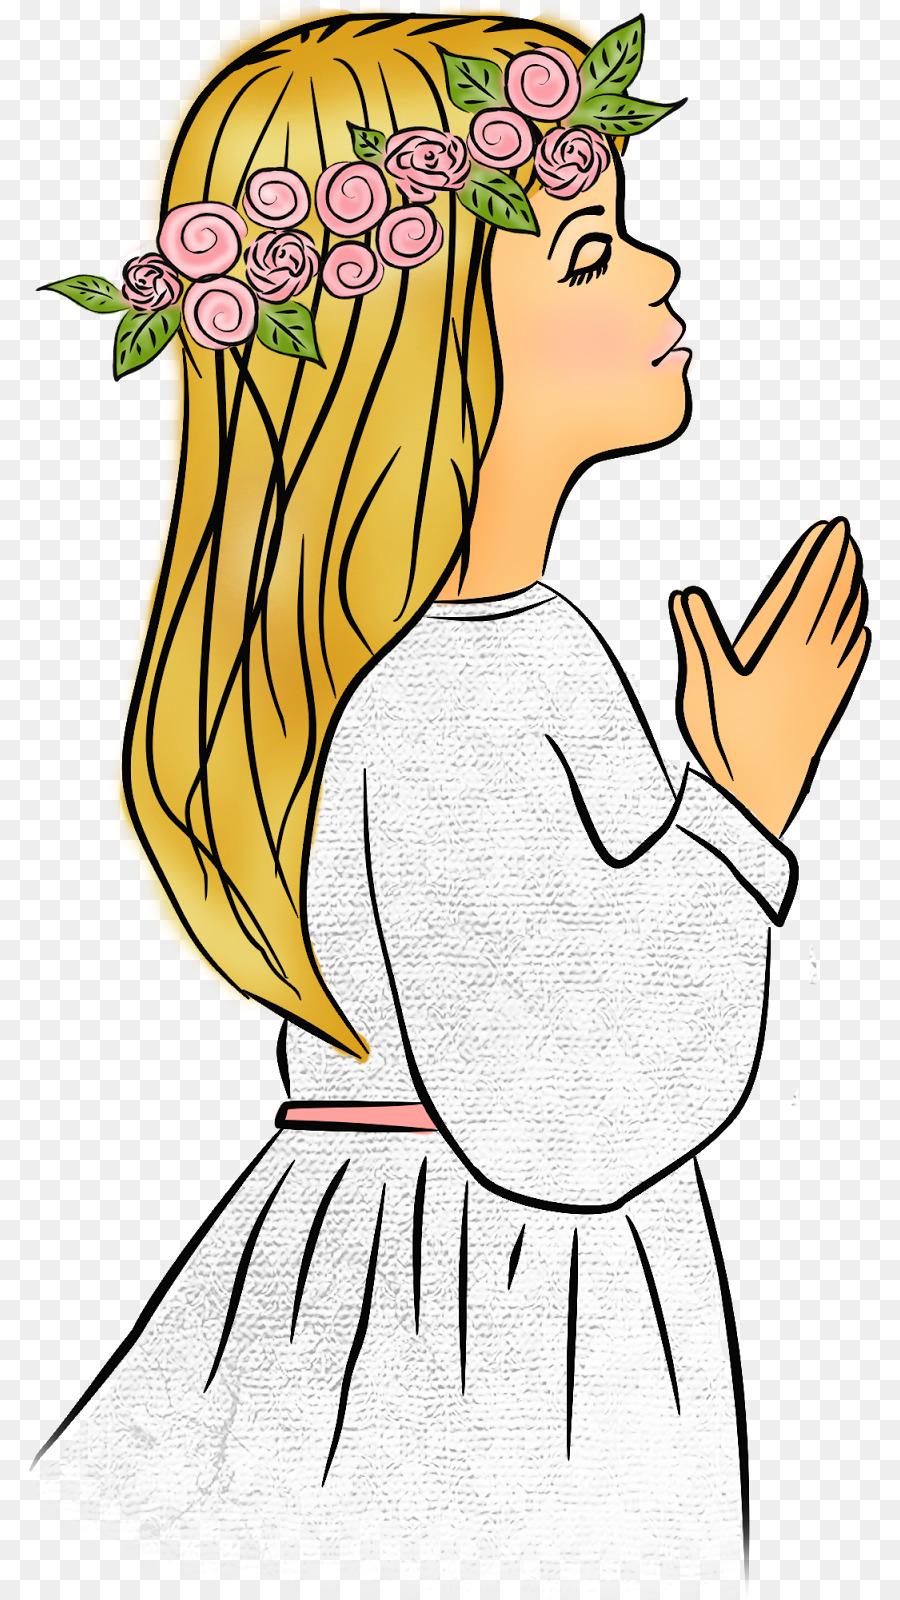 Il Battesimo Eucaristia E Ministero Prima Comunione Bambino